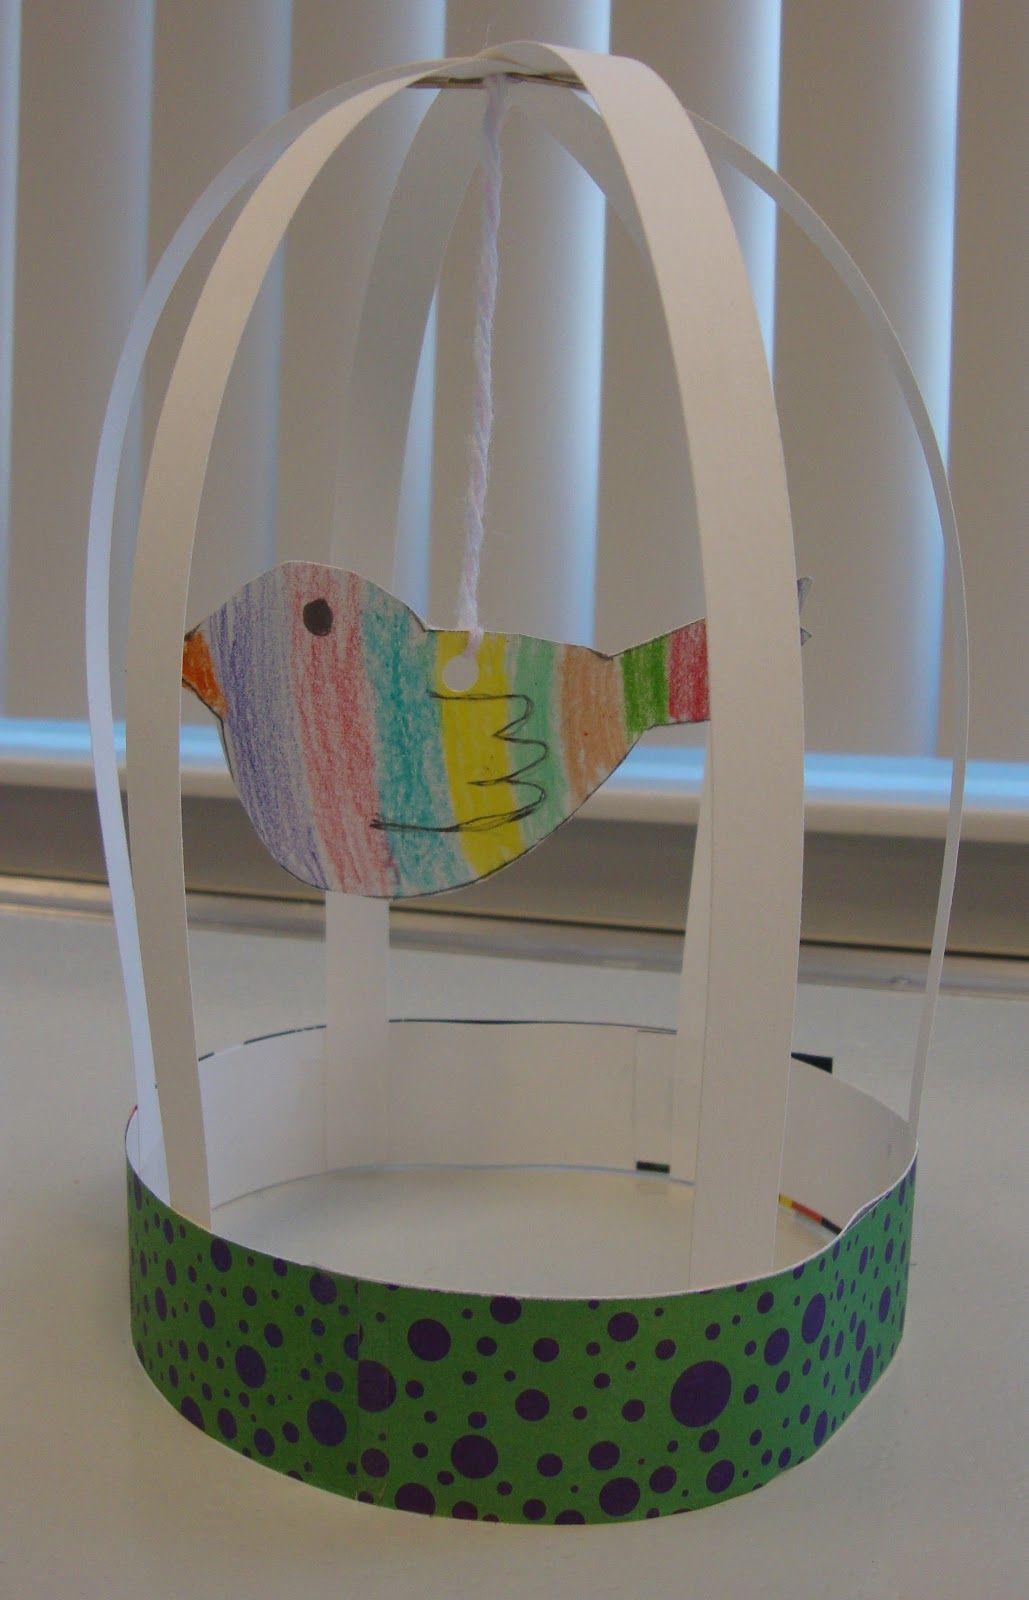 Art Paper Scissors Glue Bird Cage Sculptures